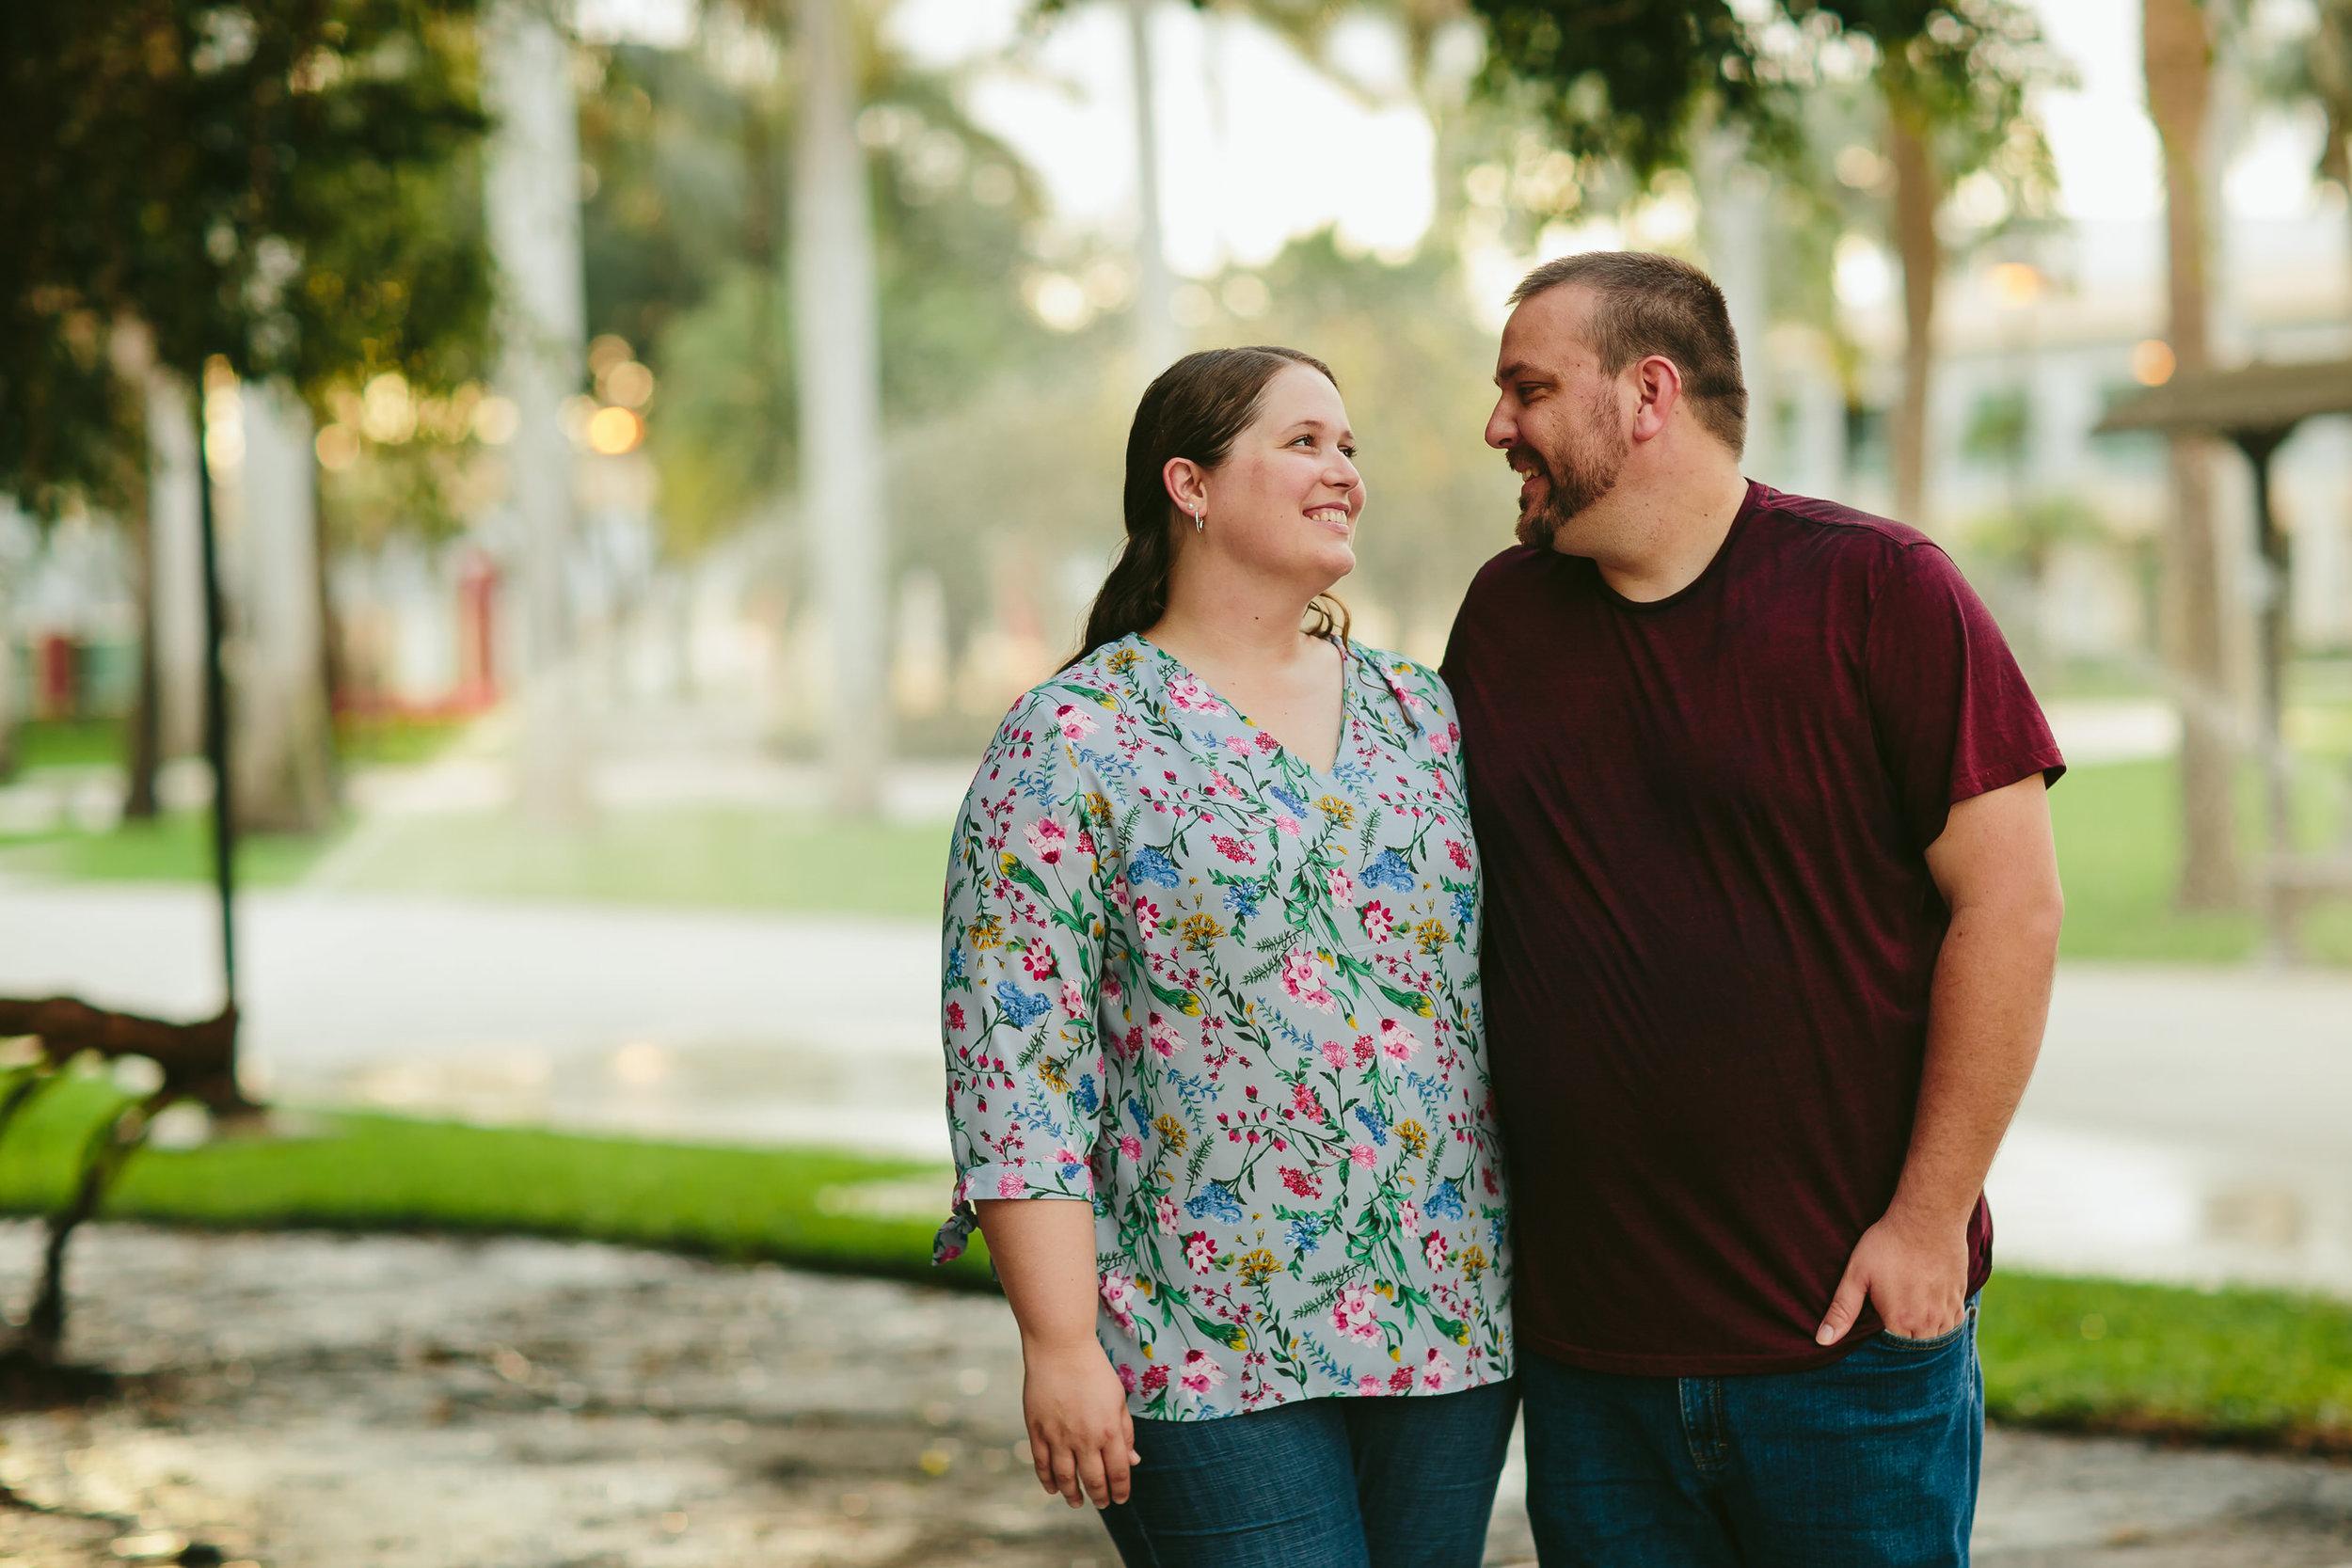 Authentic_Engagement_Portraits_South_Florida.jpg